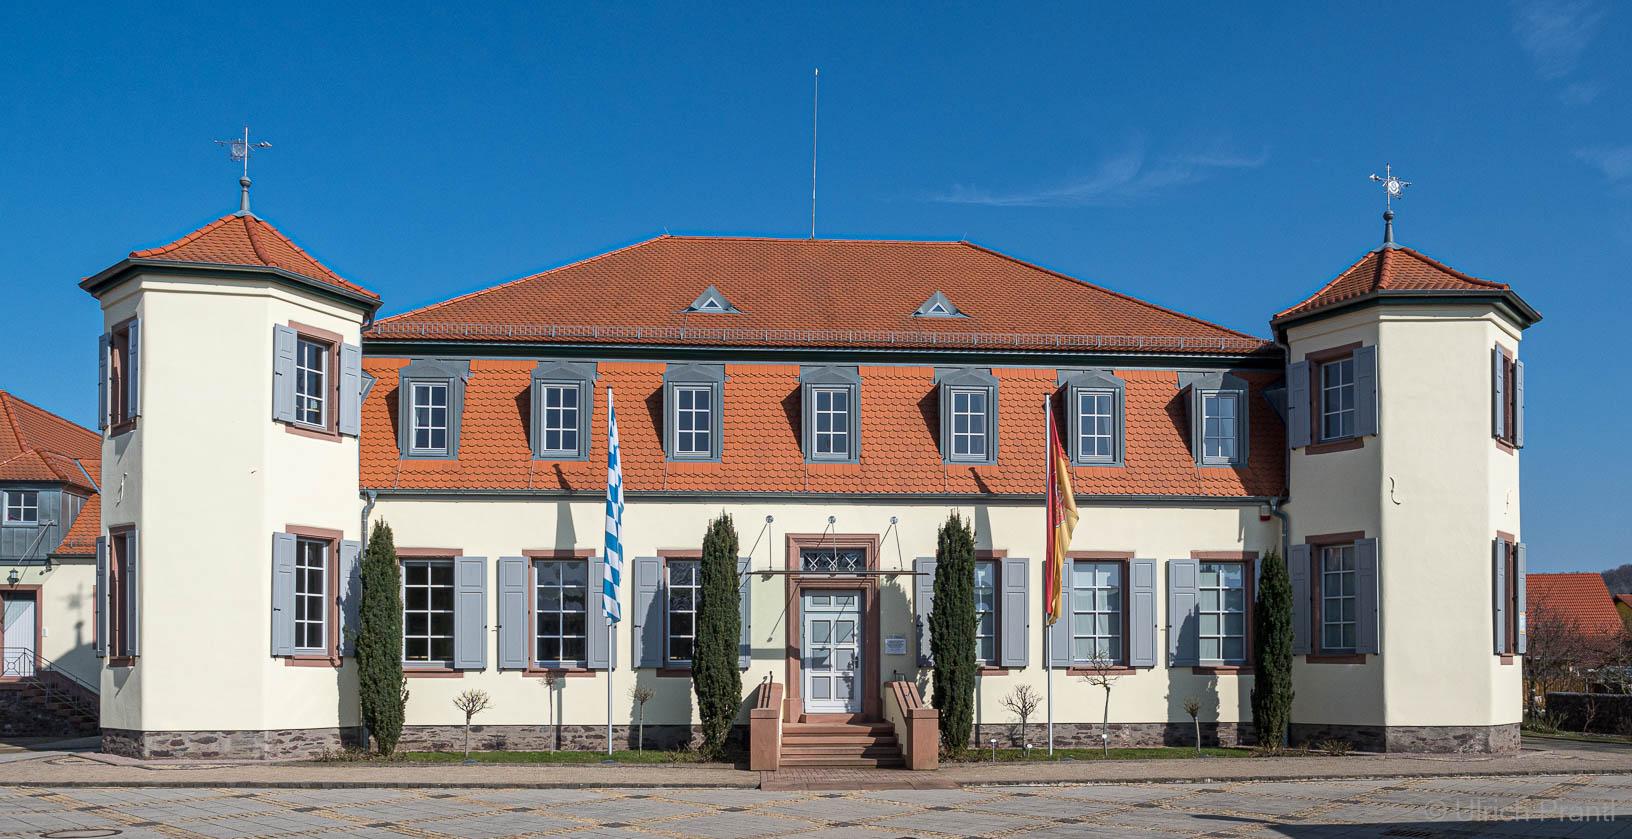 Schloss Michelbach / Michelbacher Schlösschen